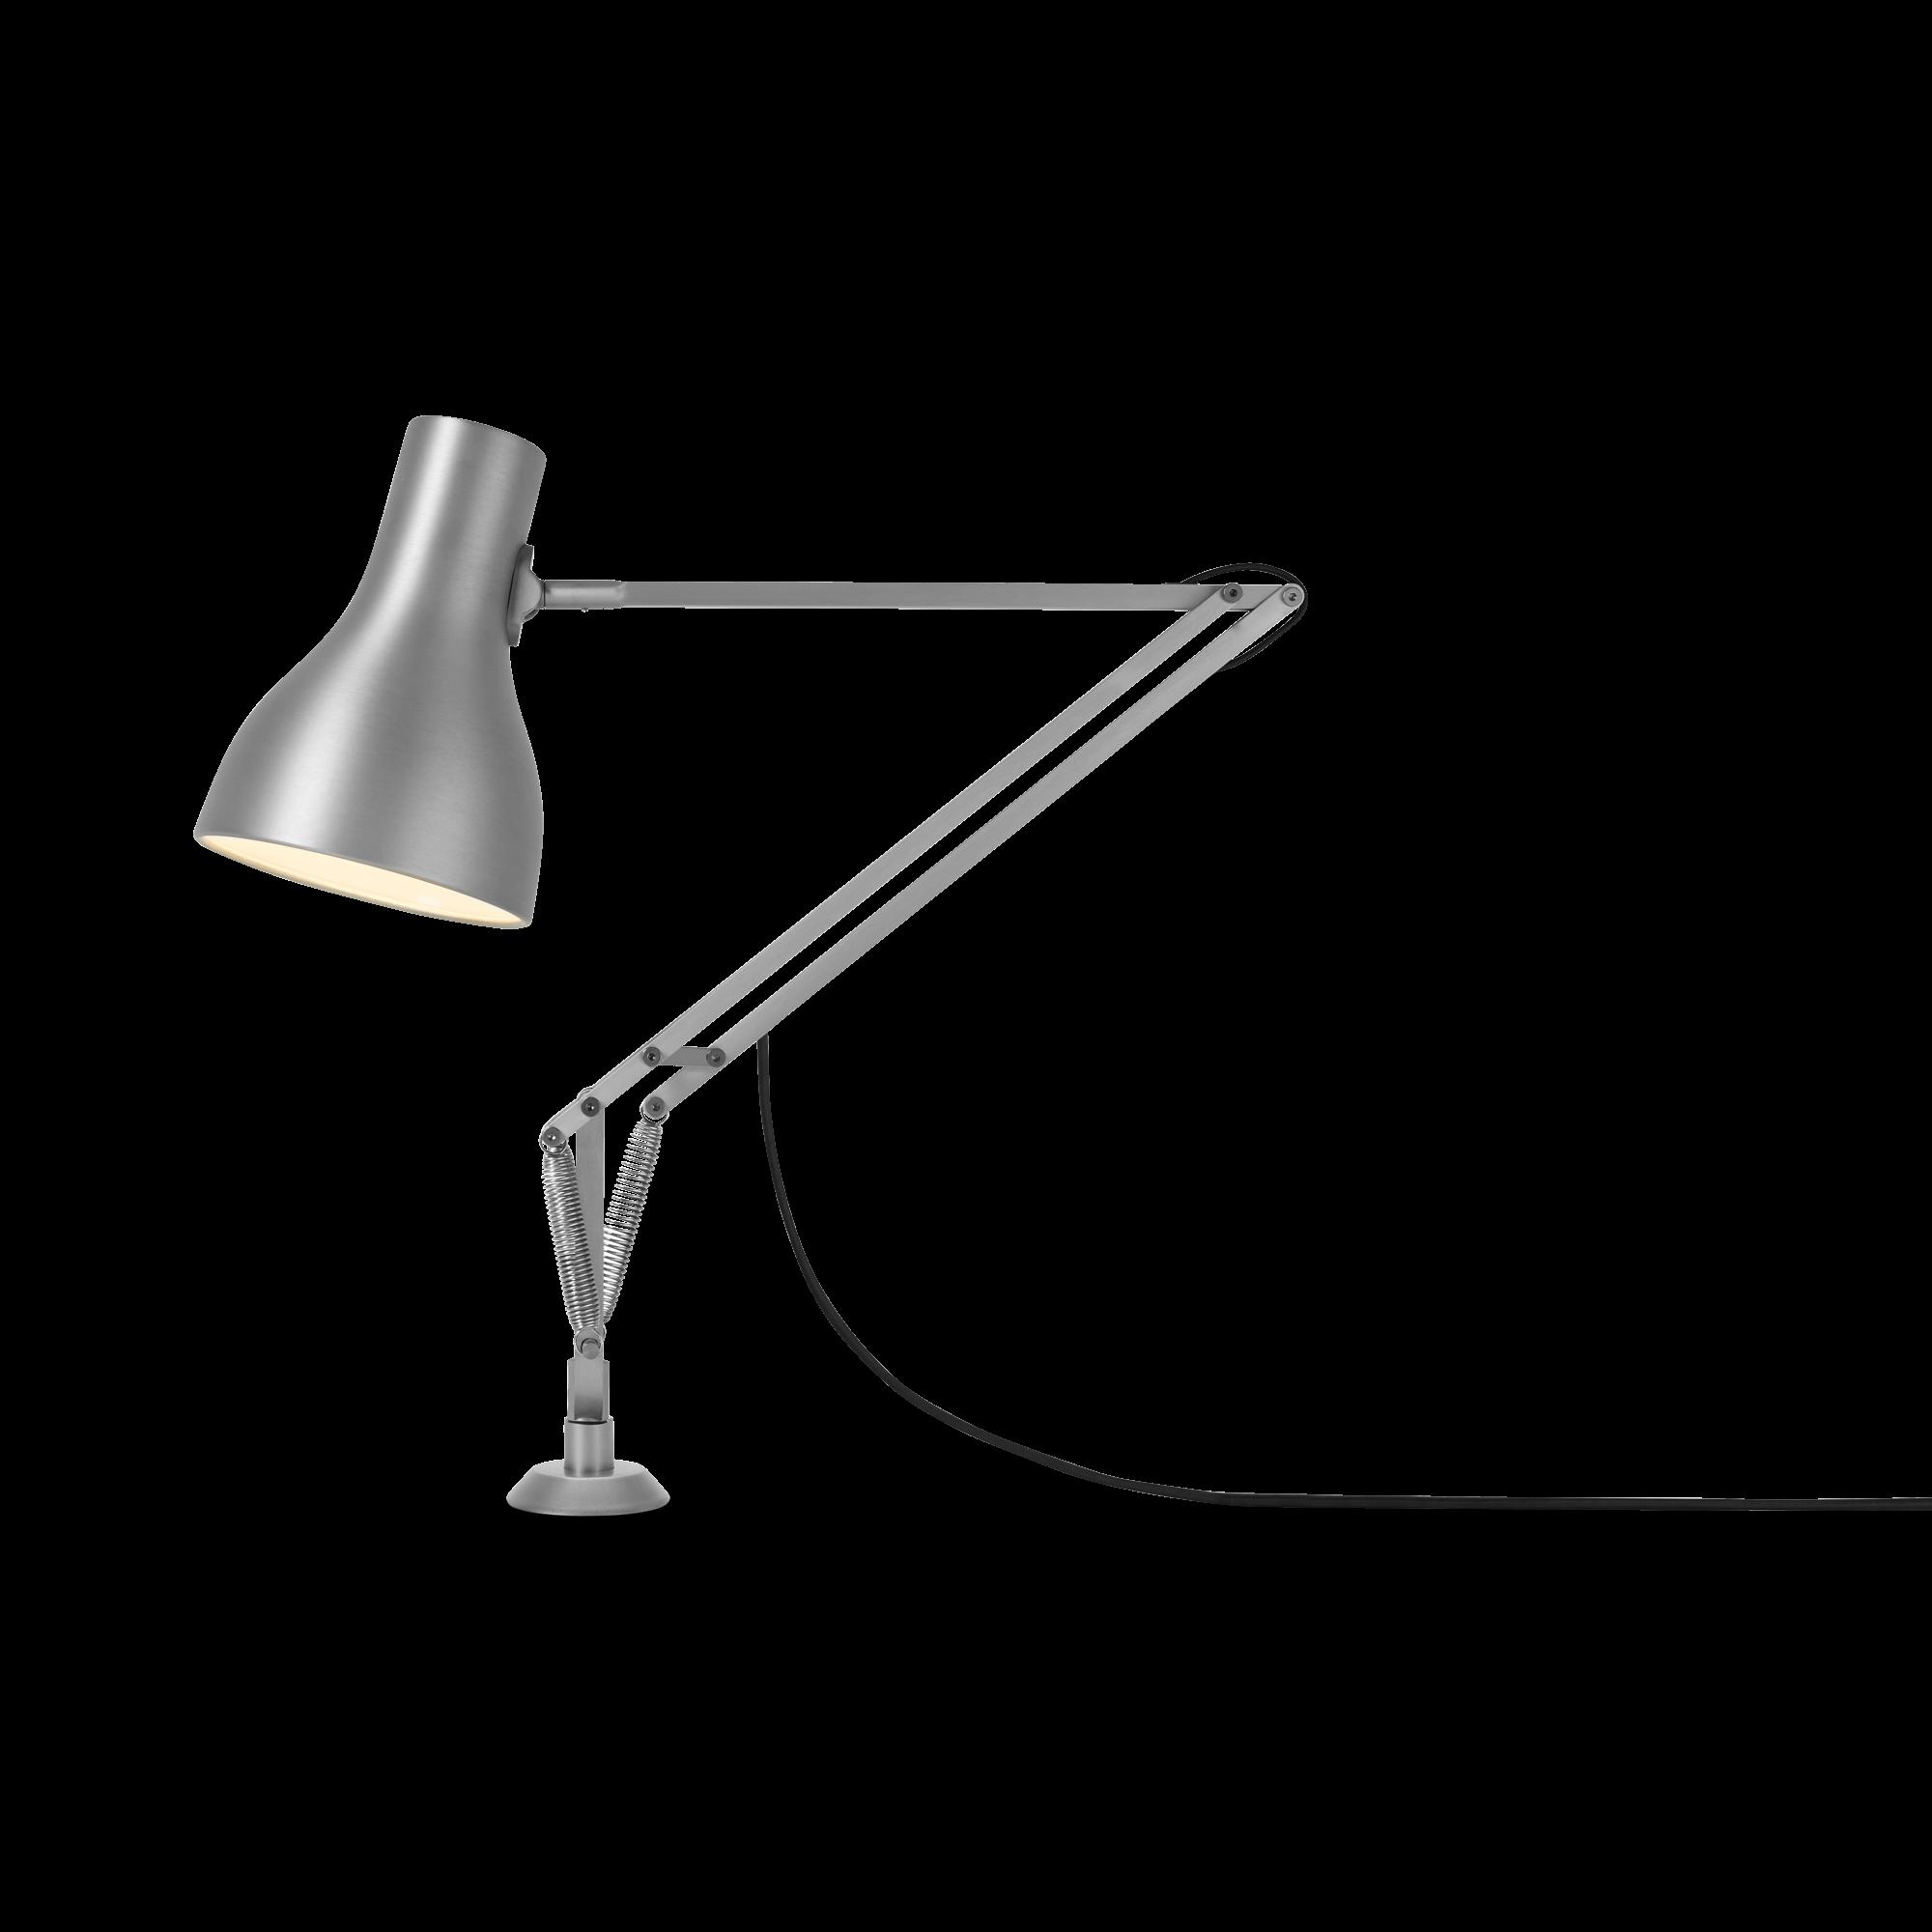 type-75-desk-lamp-with-desk-insert-3